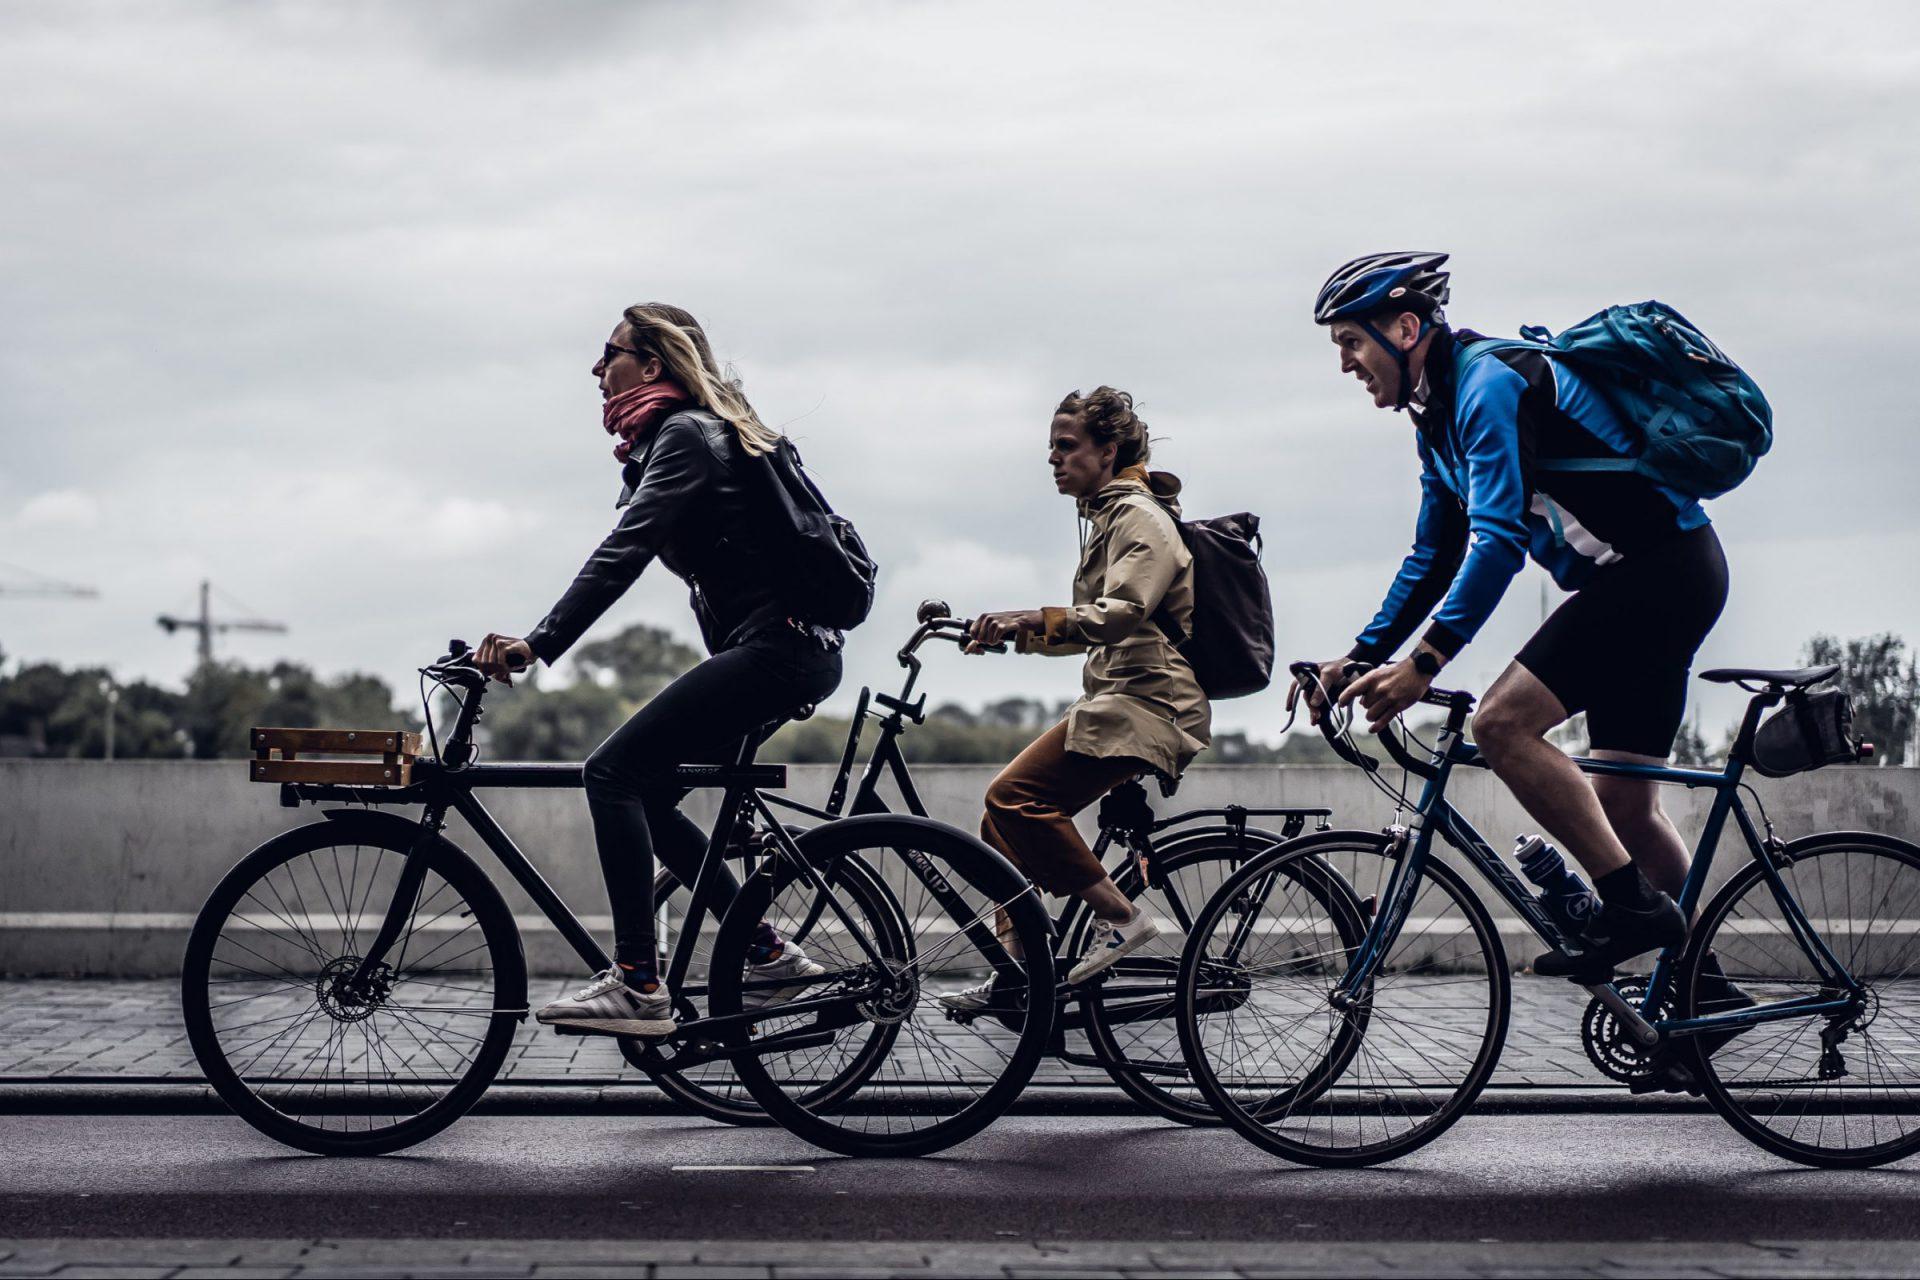 Drei Fahrradfahrer*innen, die über eine Brücke fahren